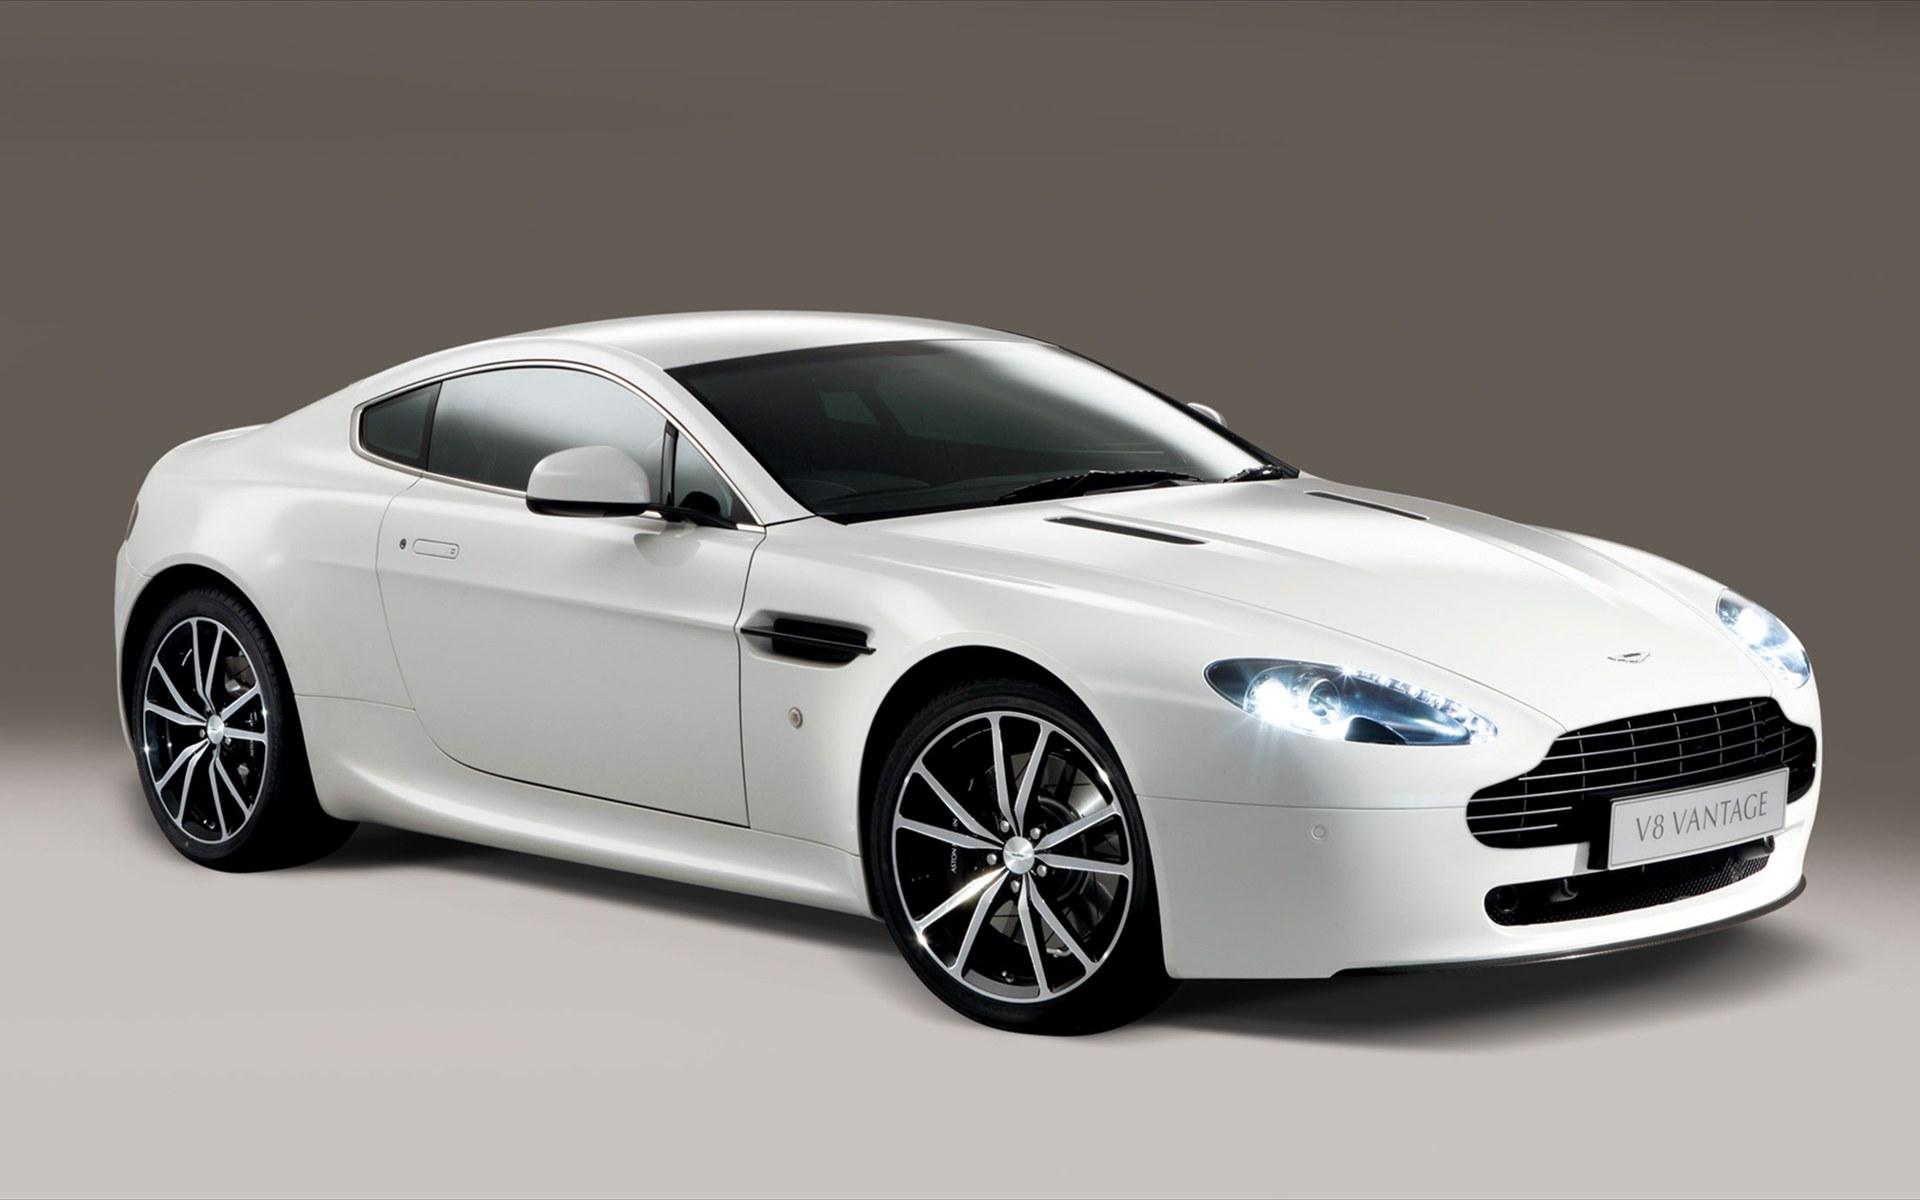 Aston Martin V8 Vantage N420 Photo 01 Photo